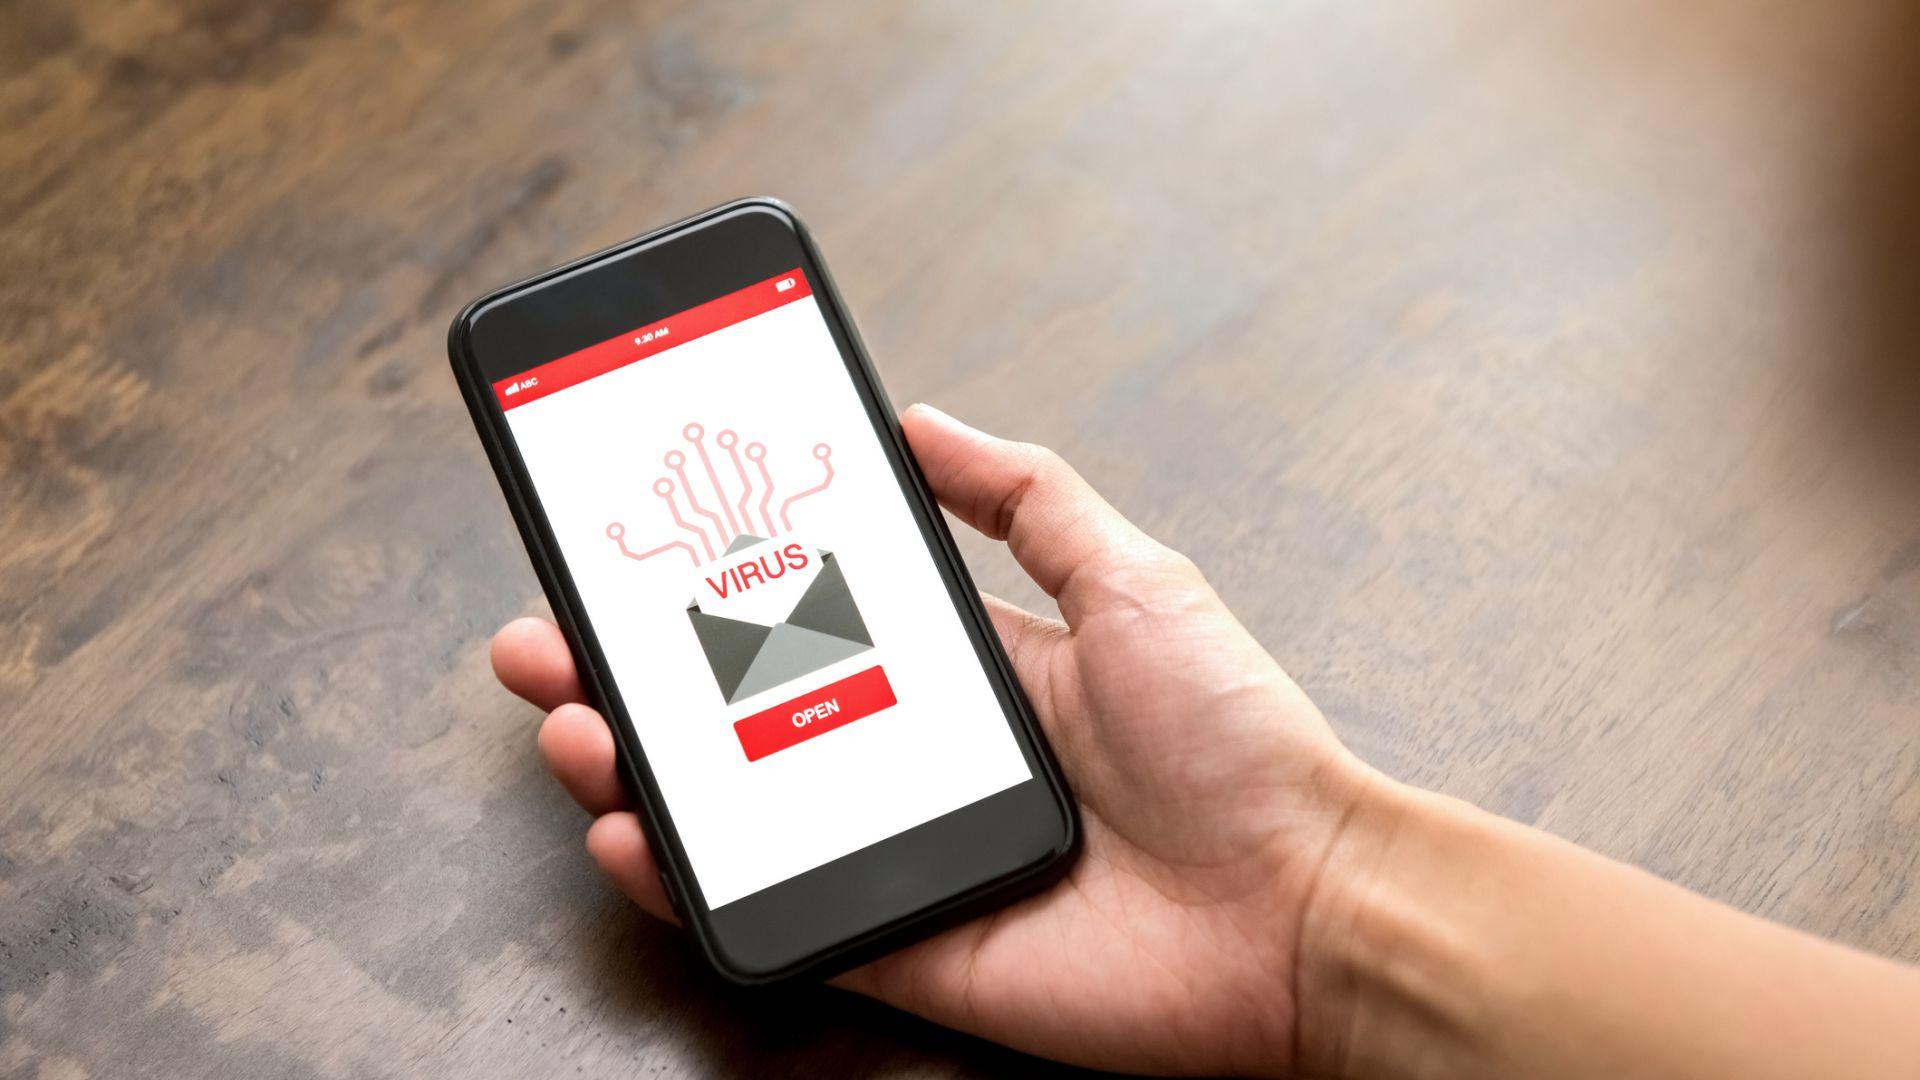 Мобилно приложение за деца изпраща съобщения към секс телефон